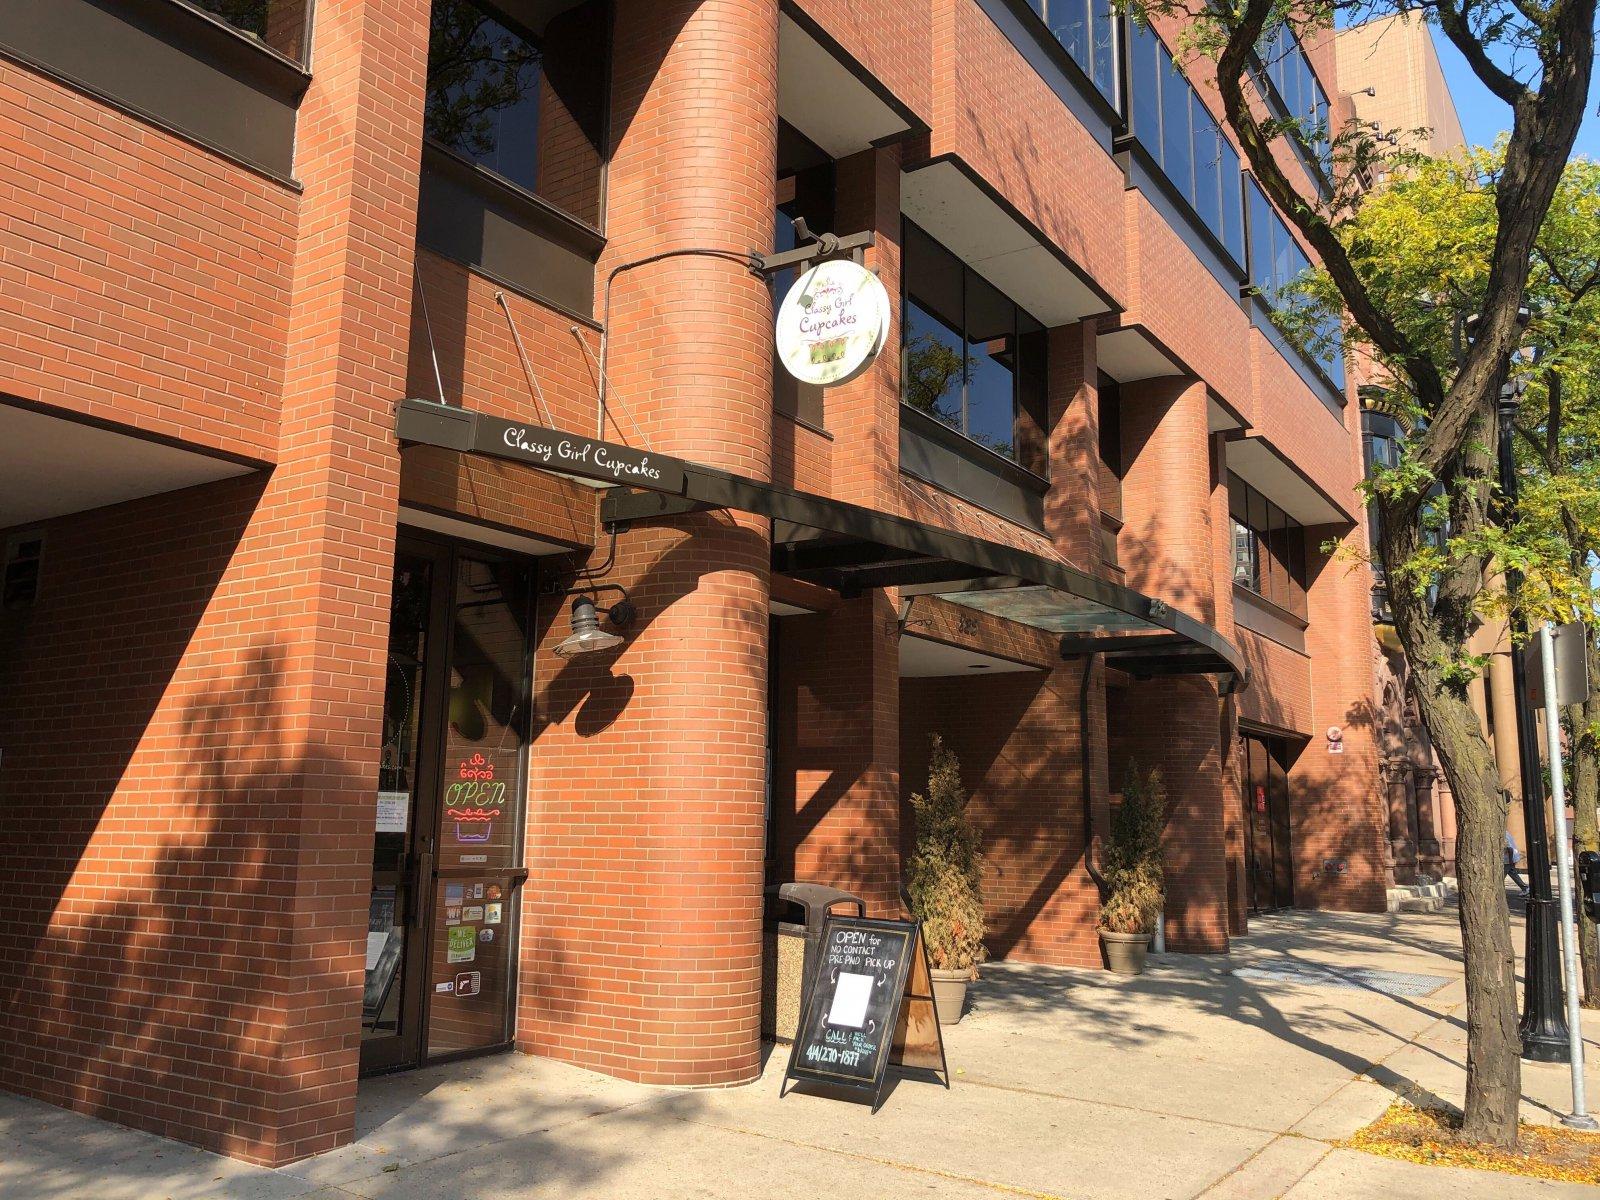 825 N. Jefferson St.